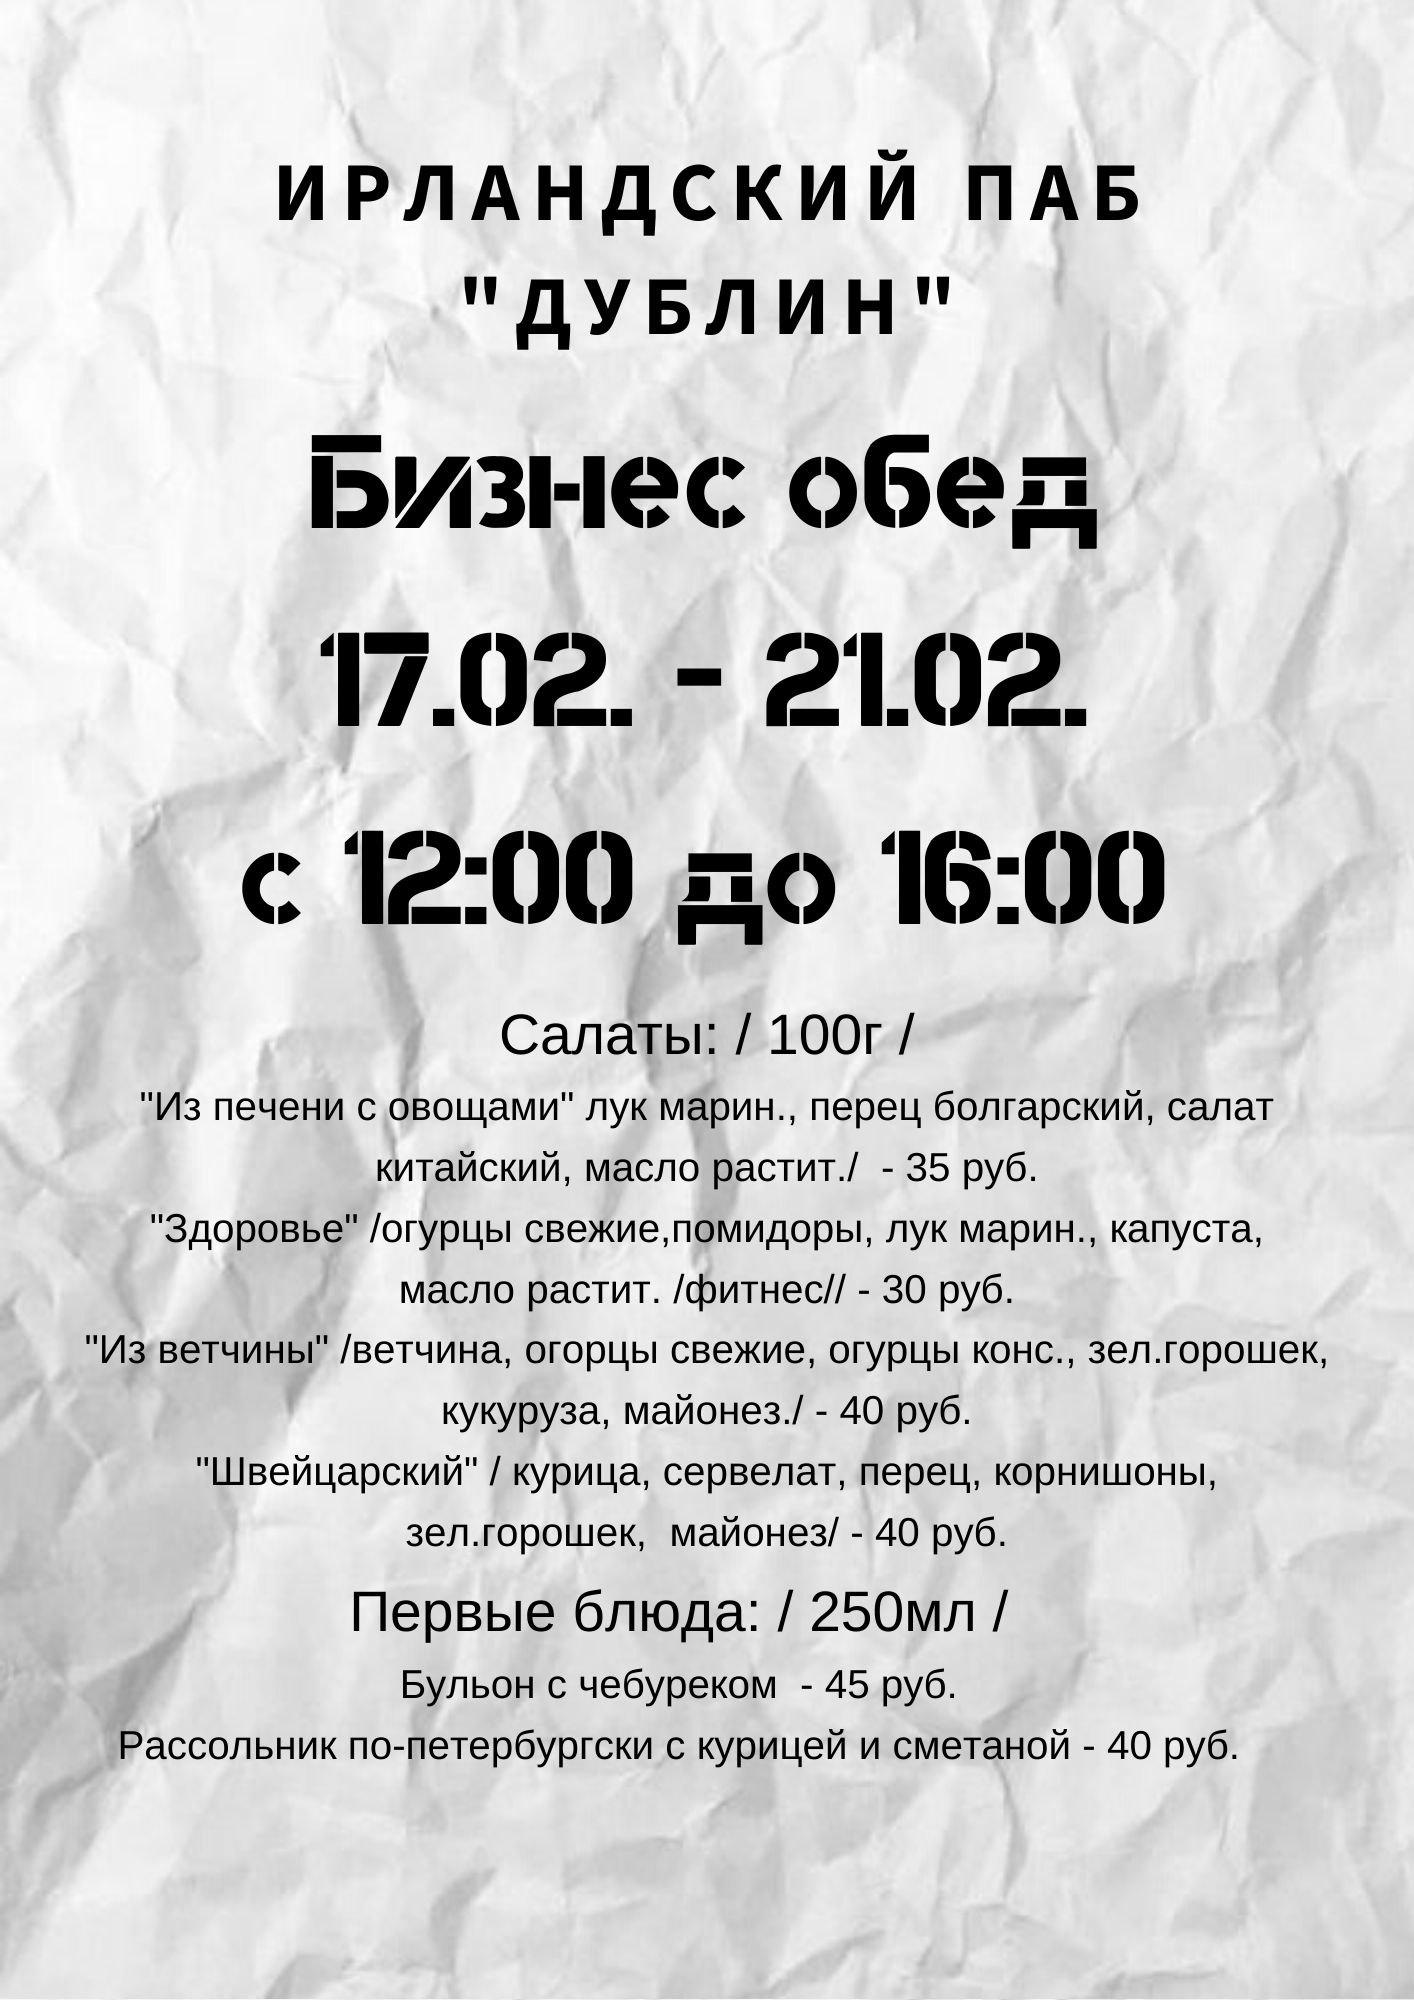 Паб «ДУБЛИН» - Вконтакте